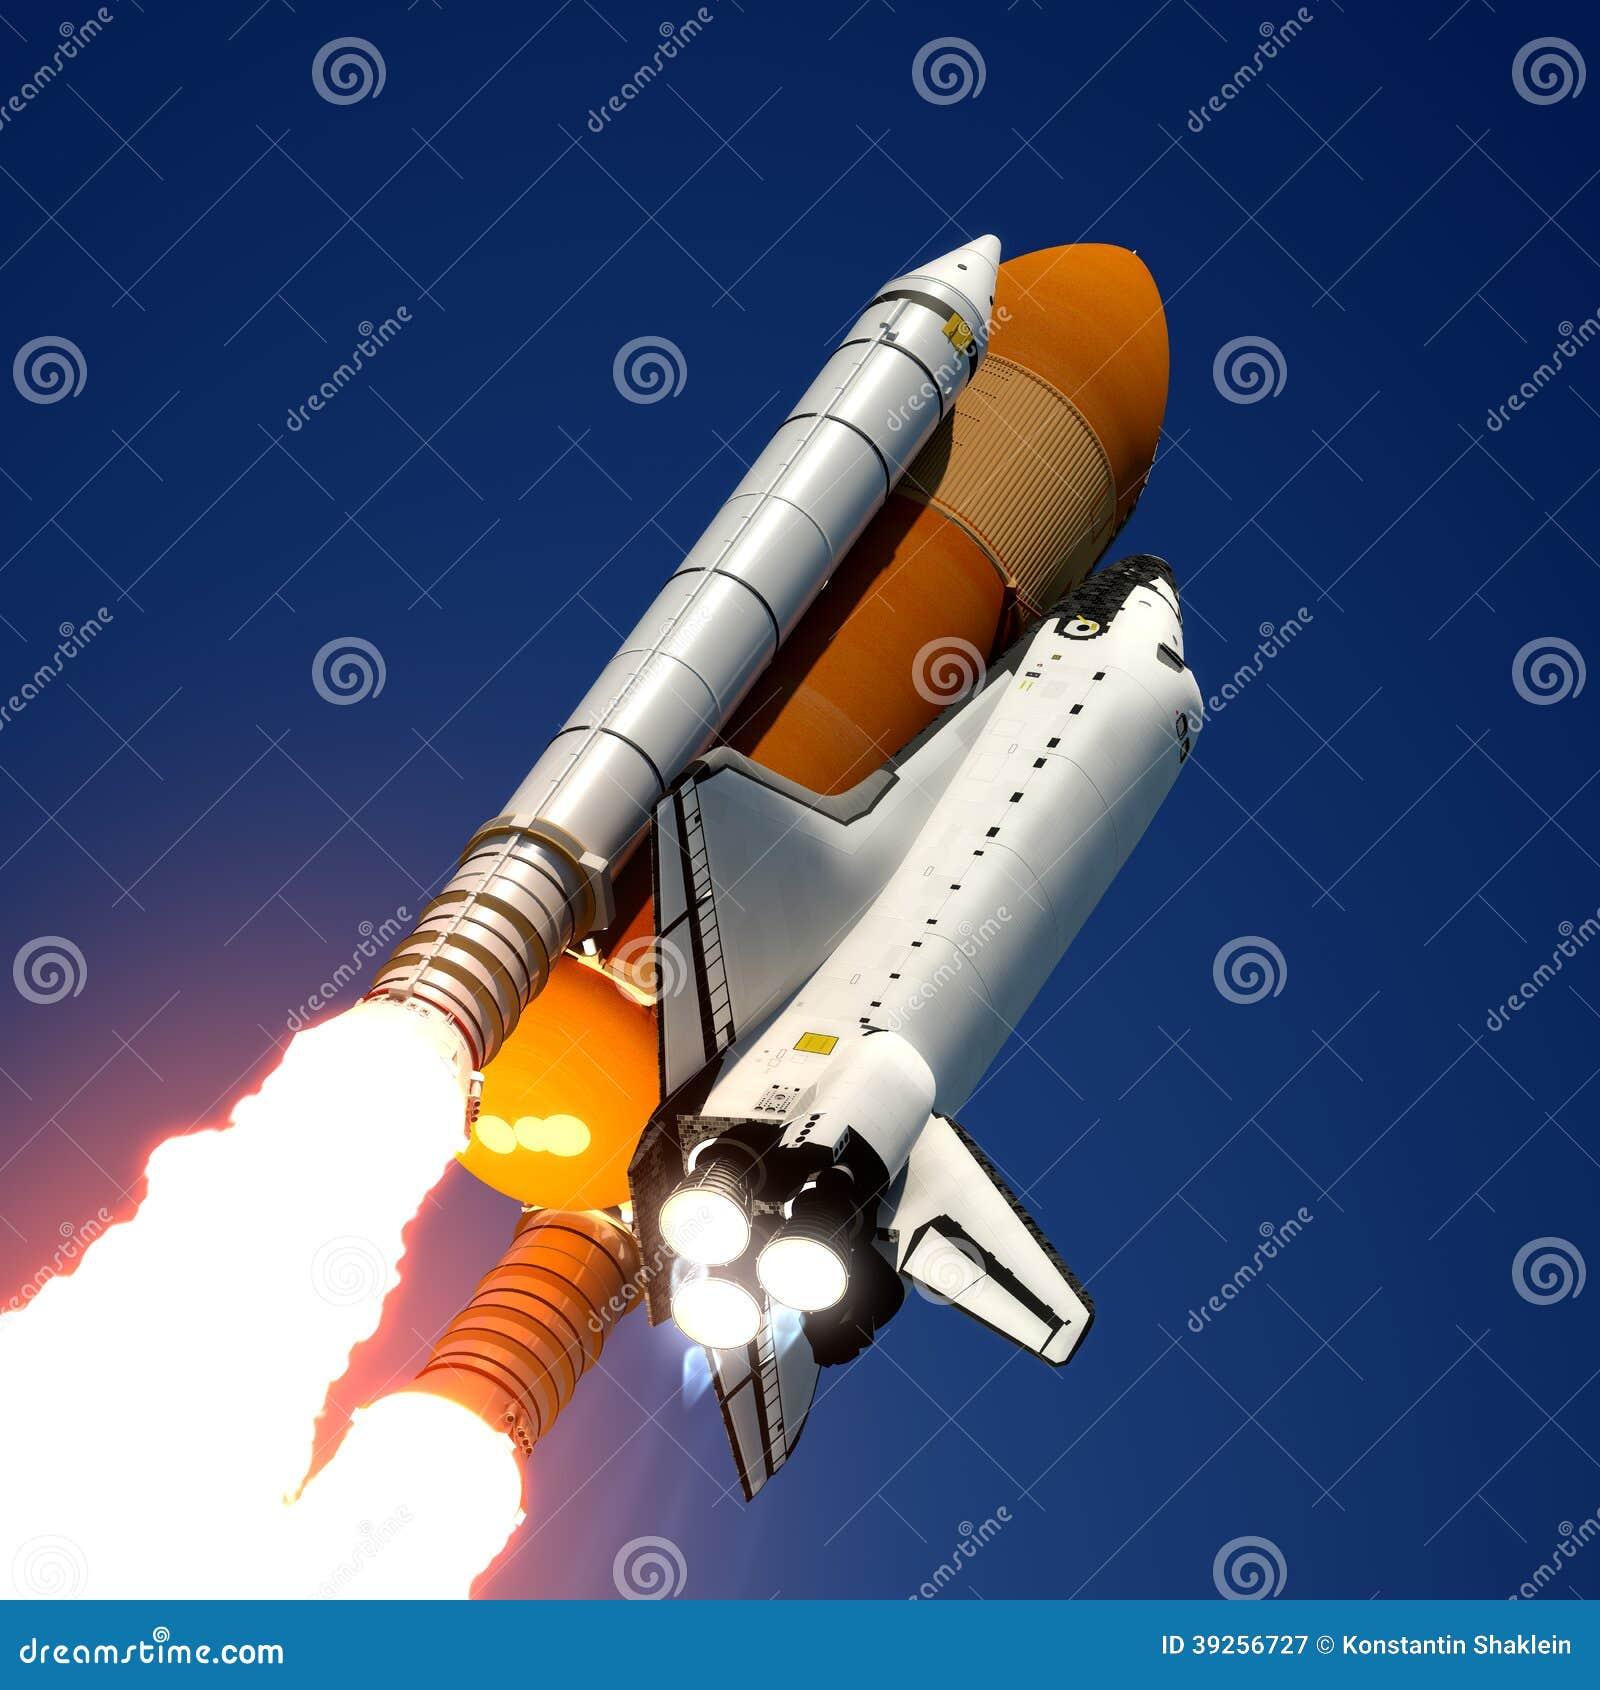 Lancement de navette spatiale.